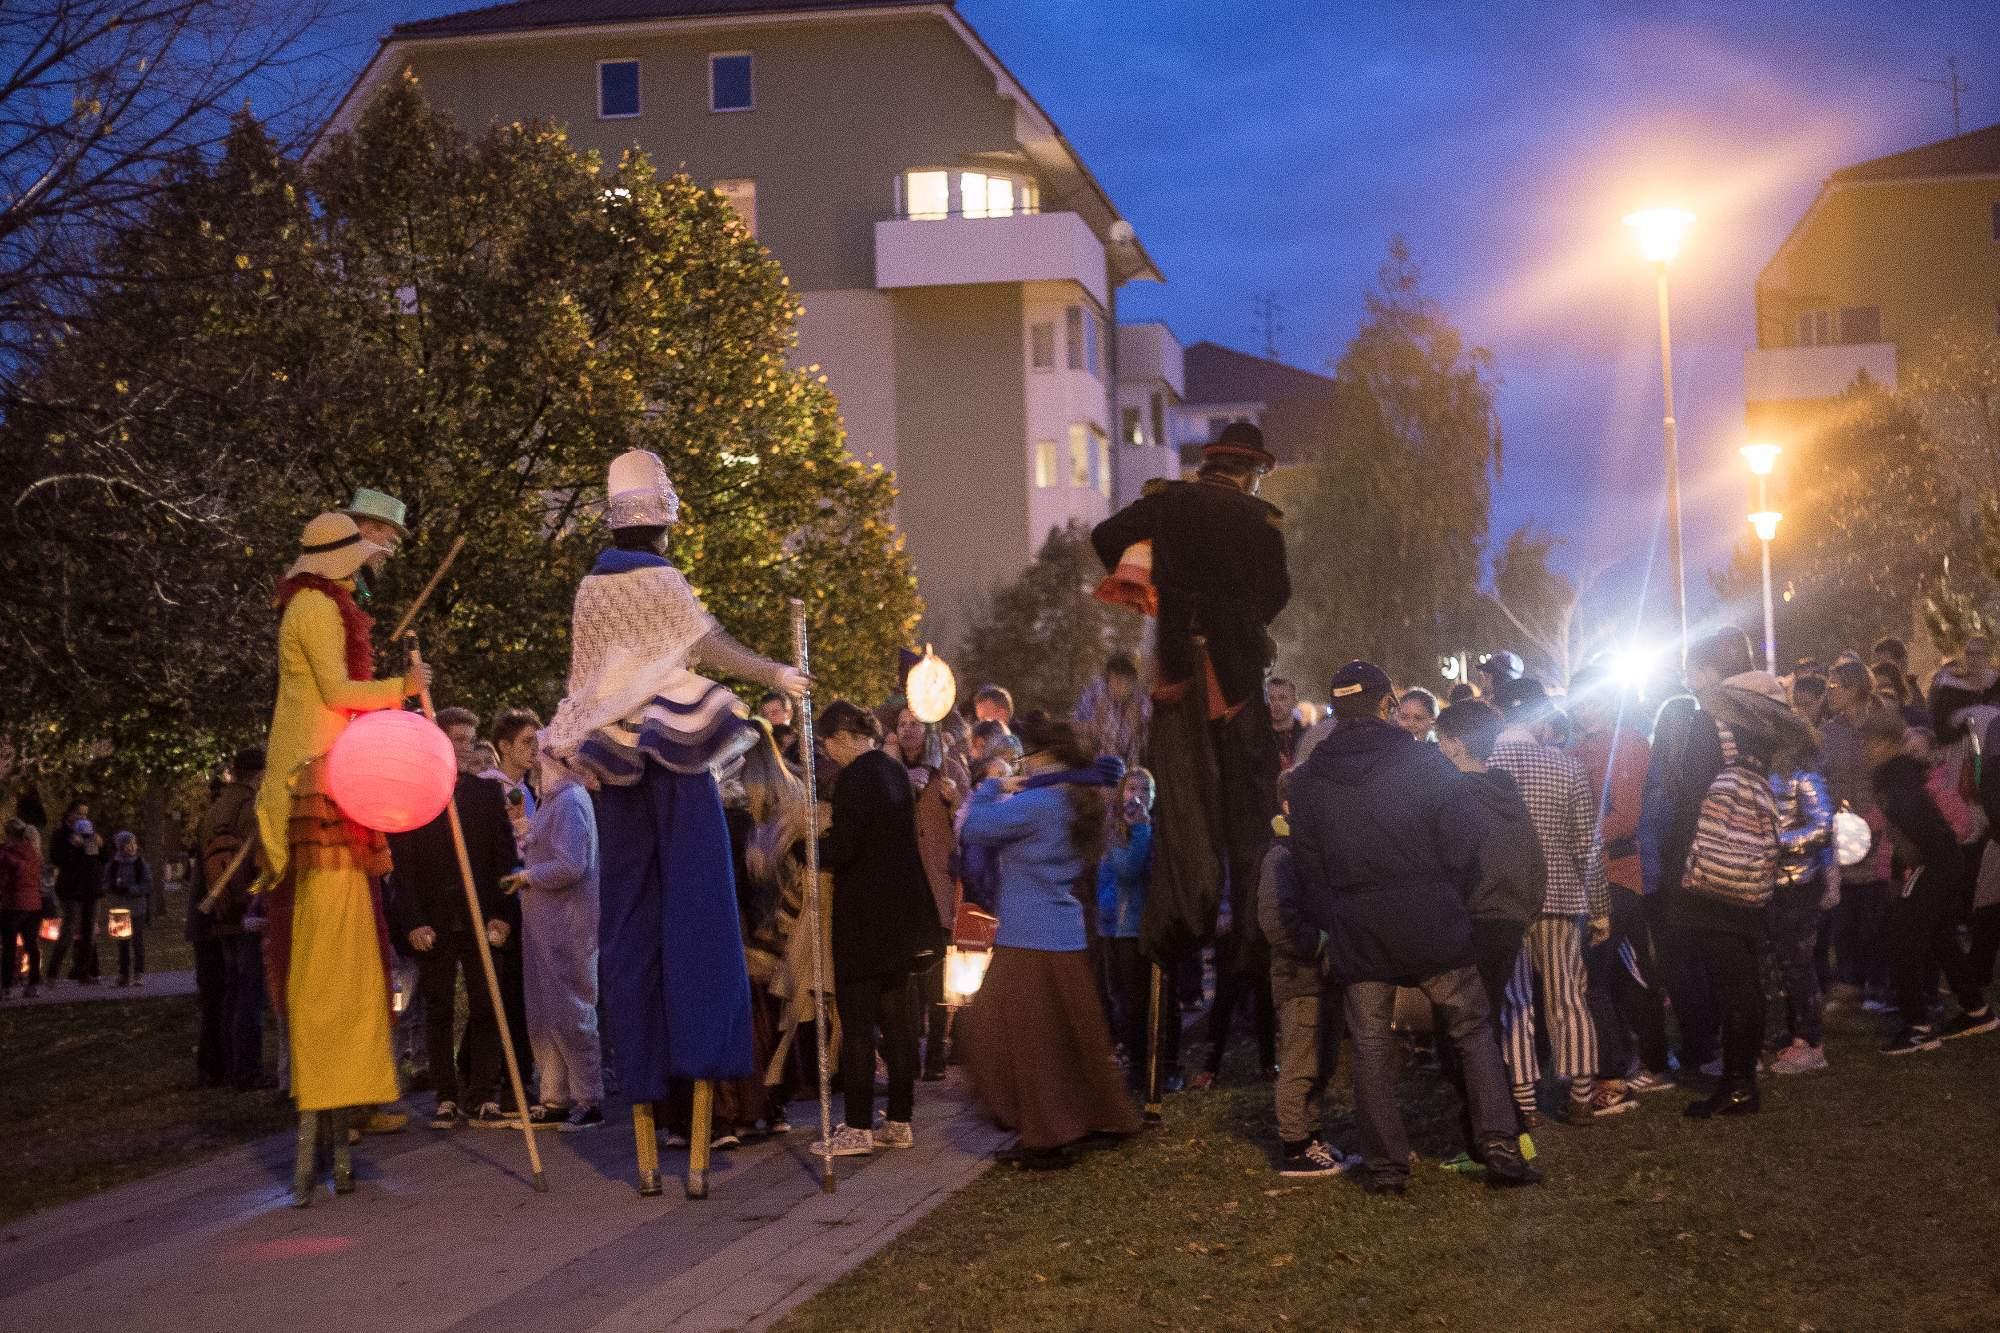 Nastal čas lampionového průvodu a tak se dav vydal na pochod skrz Kohoutovicemi. Děti si hrdě nesly své lucerny různých druhů. Foto: Kristýna Čermáková